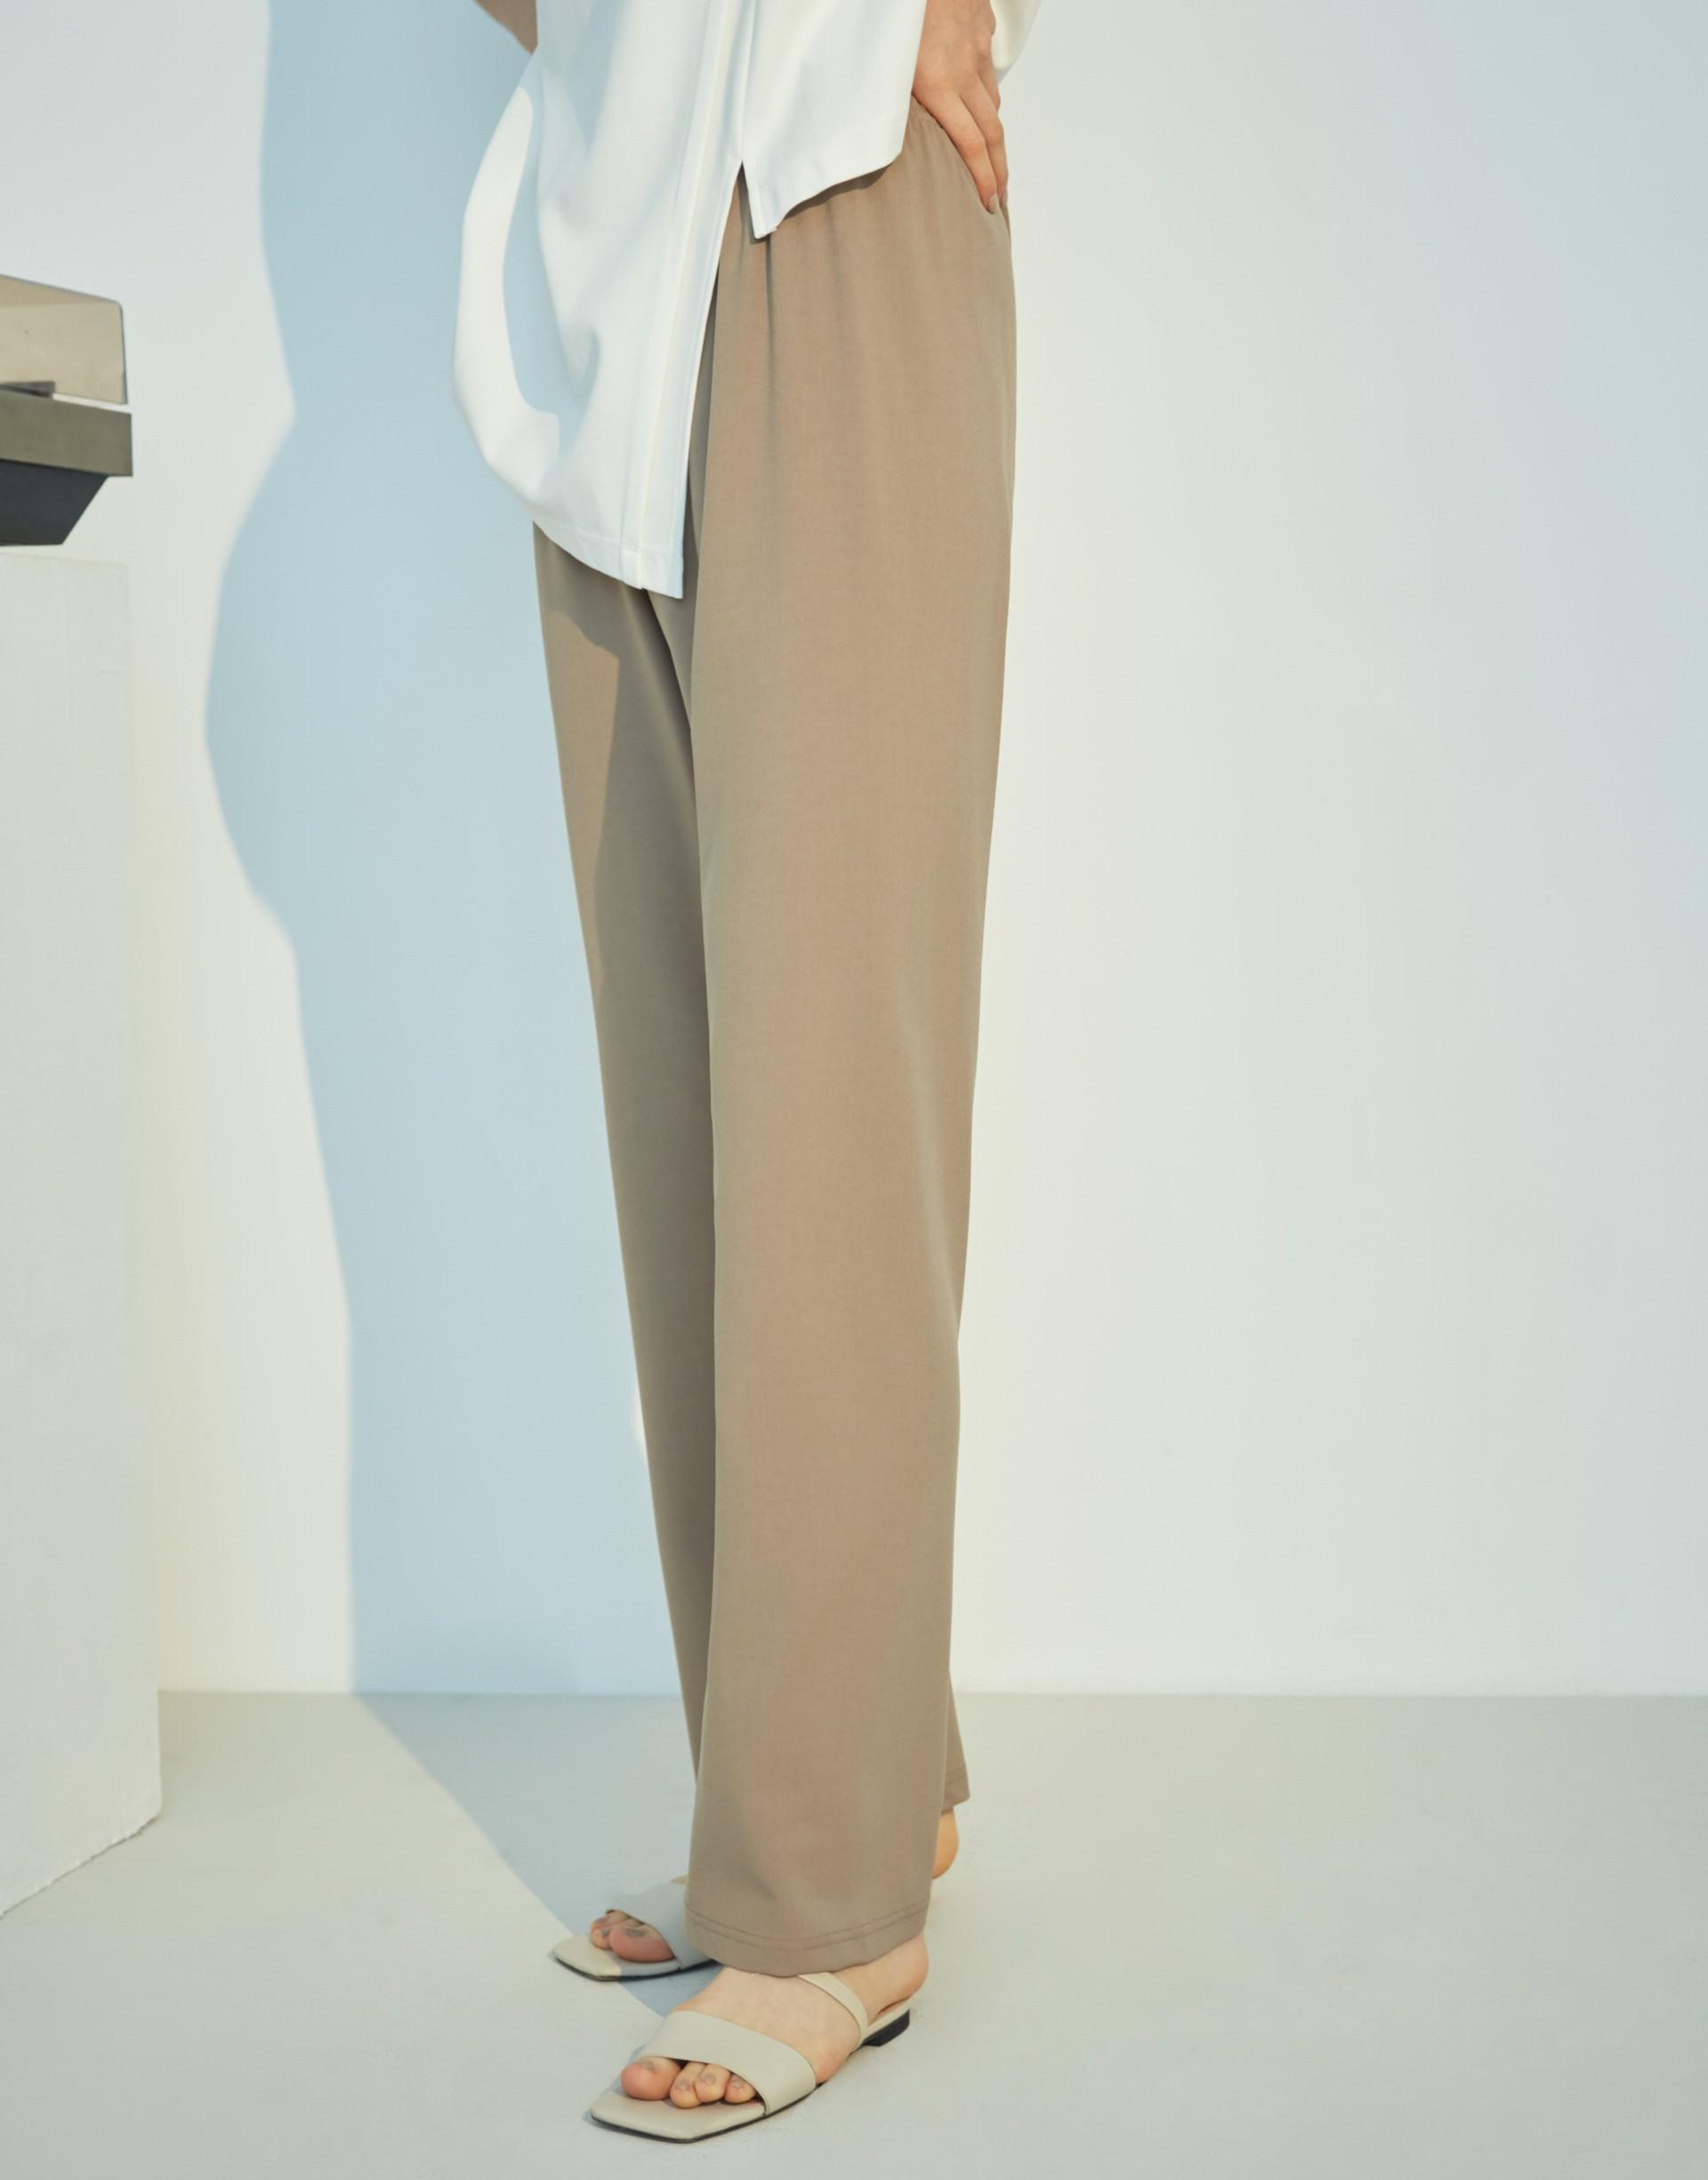 質感韓系西裝布料/鬆緊褲腰頭/微喇叭褲型/無內裏/無口袋